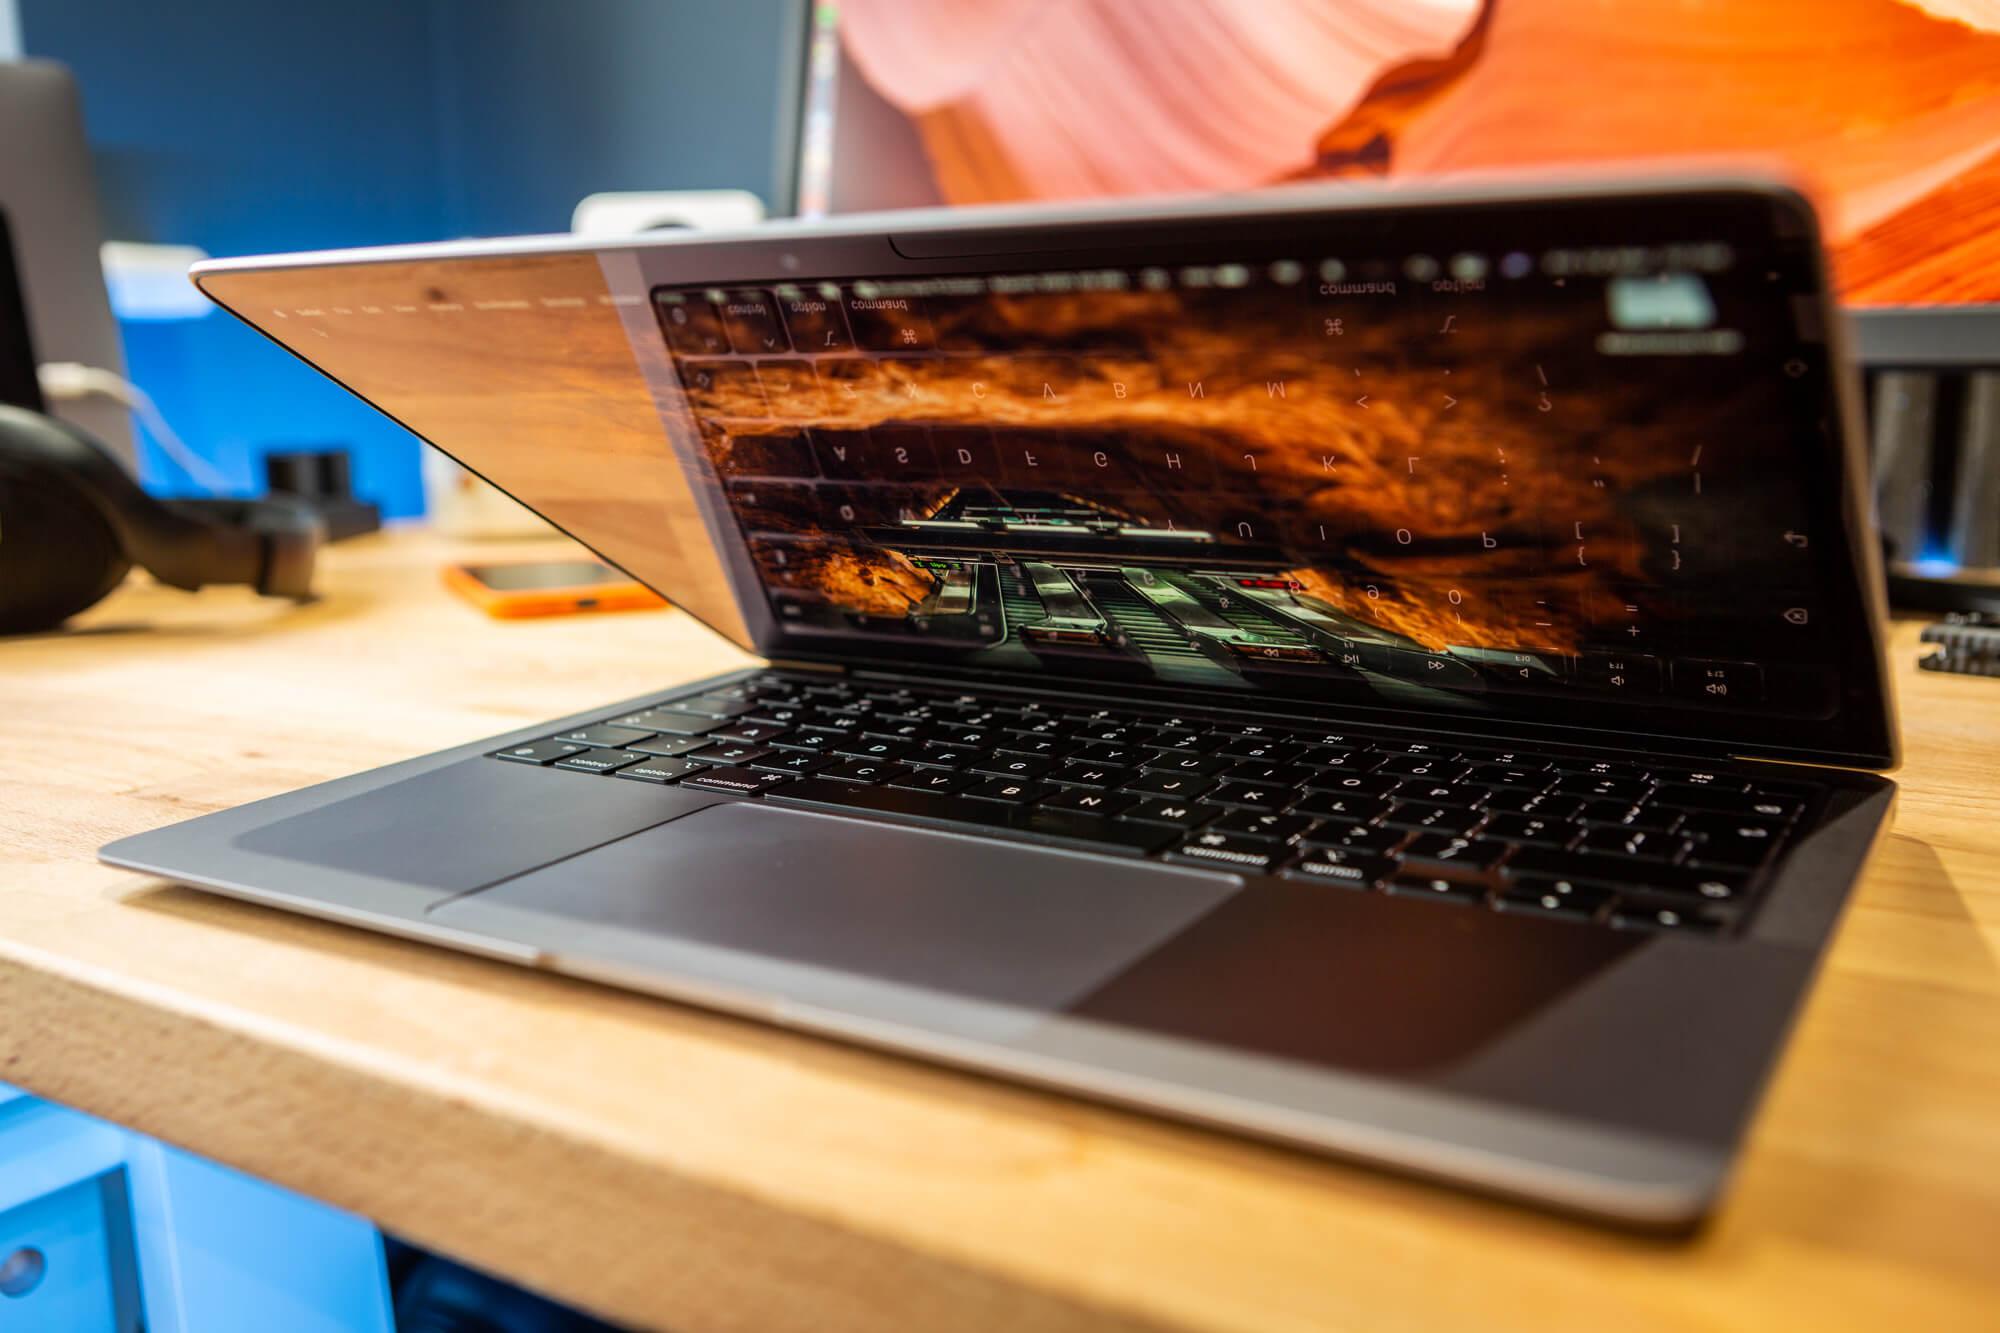 M1 MacBook Air battery life